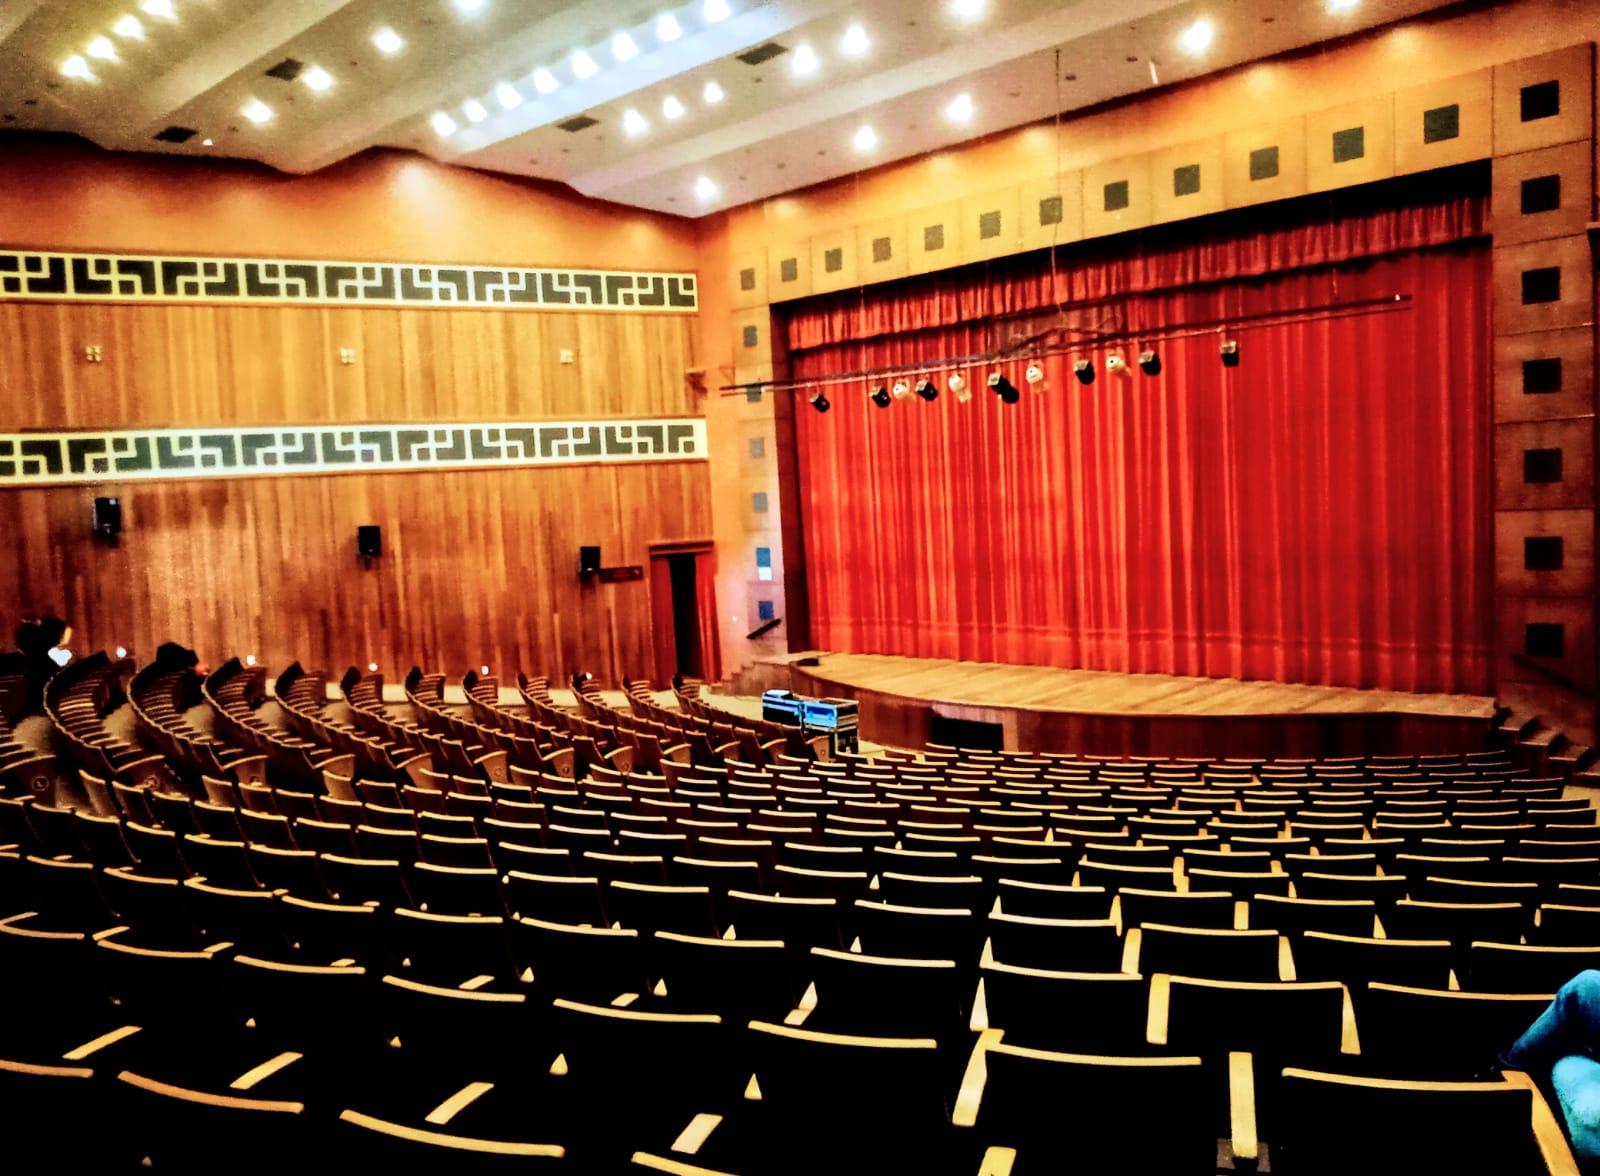 Teatro Municipal completa 17 anos com previsão de investimentos que trarão melhorias